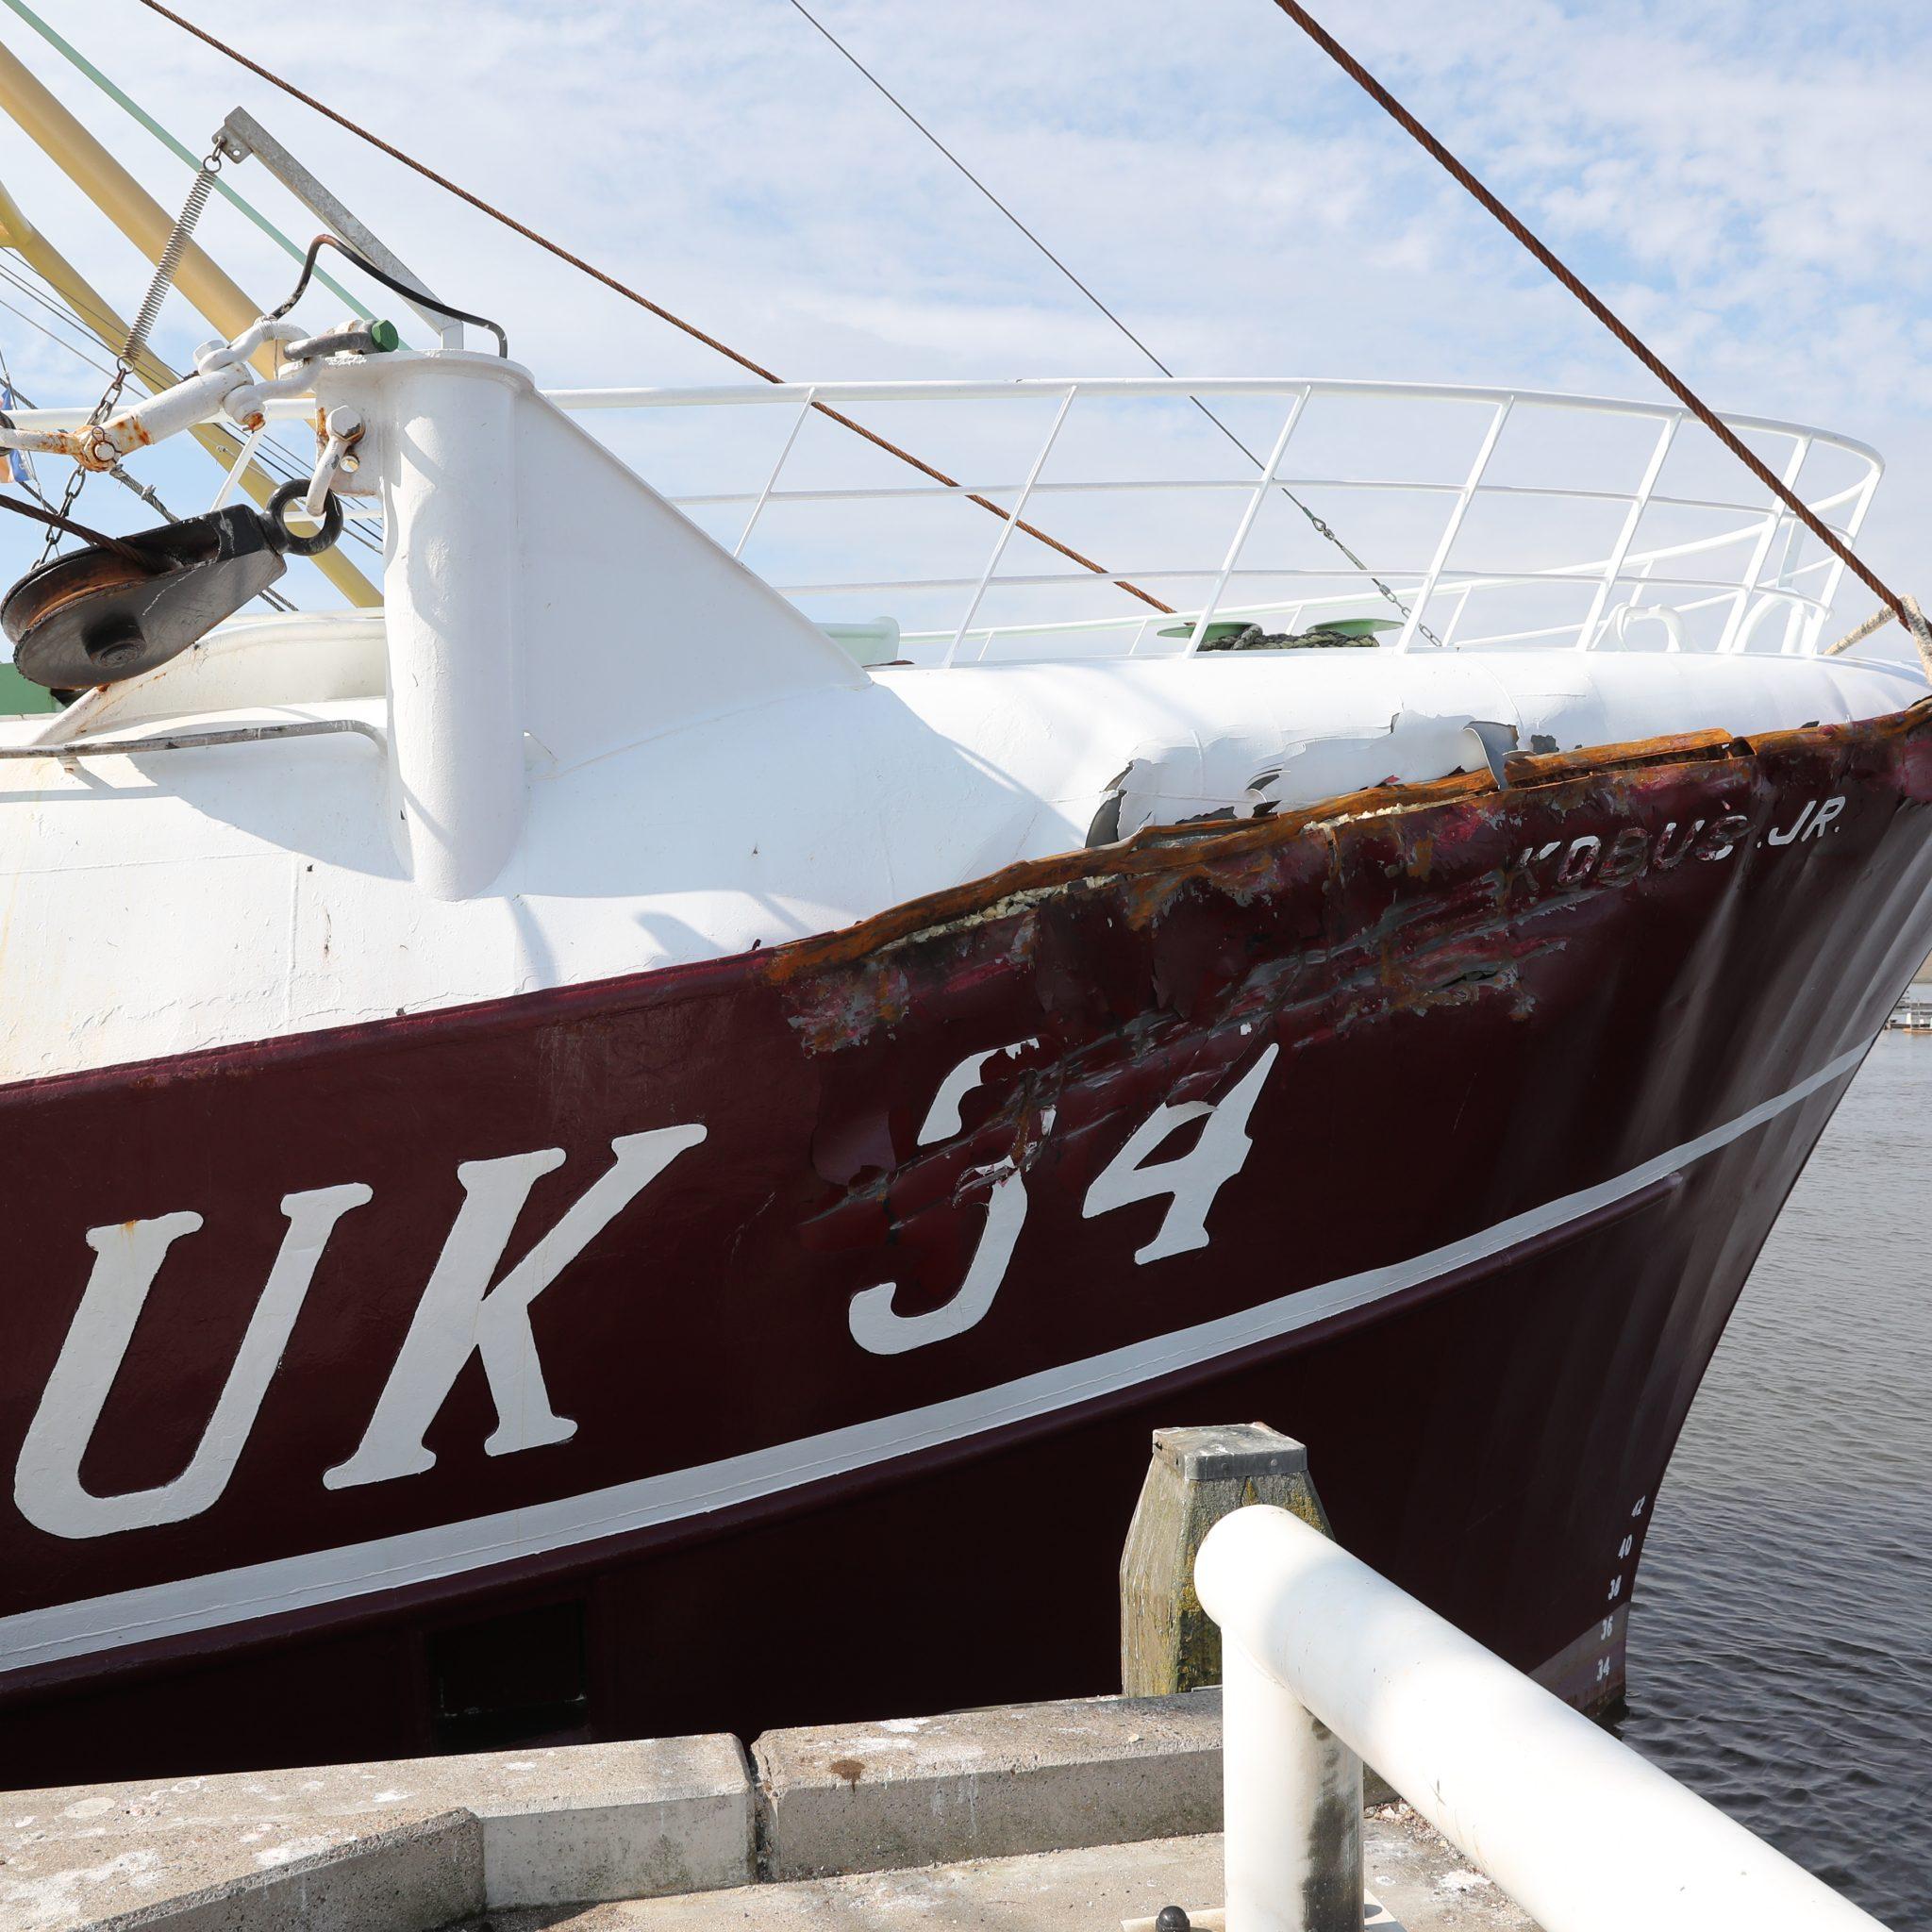 De UK-34 is met kopschade Harlingen binnengelopen. (Foto Bram Pronk)